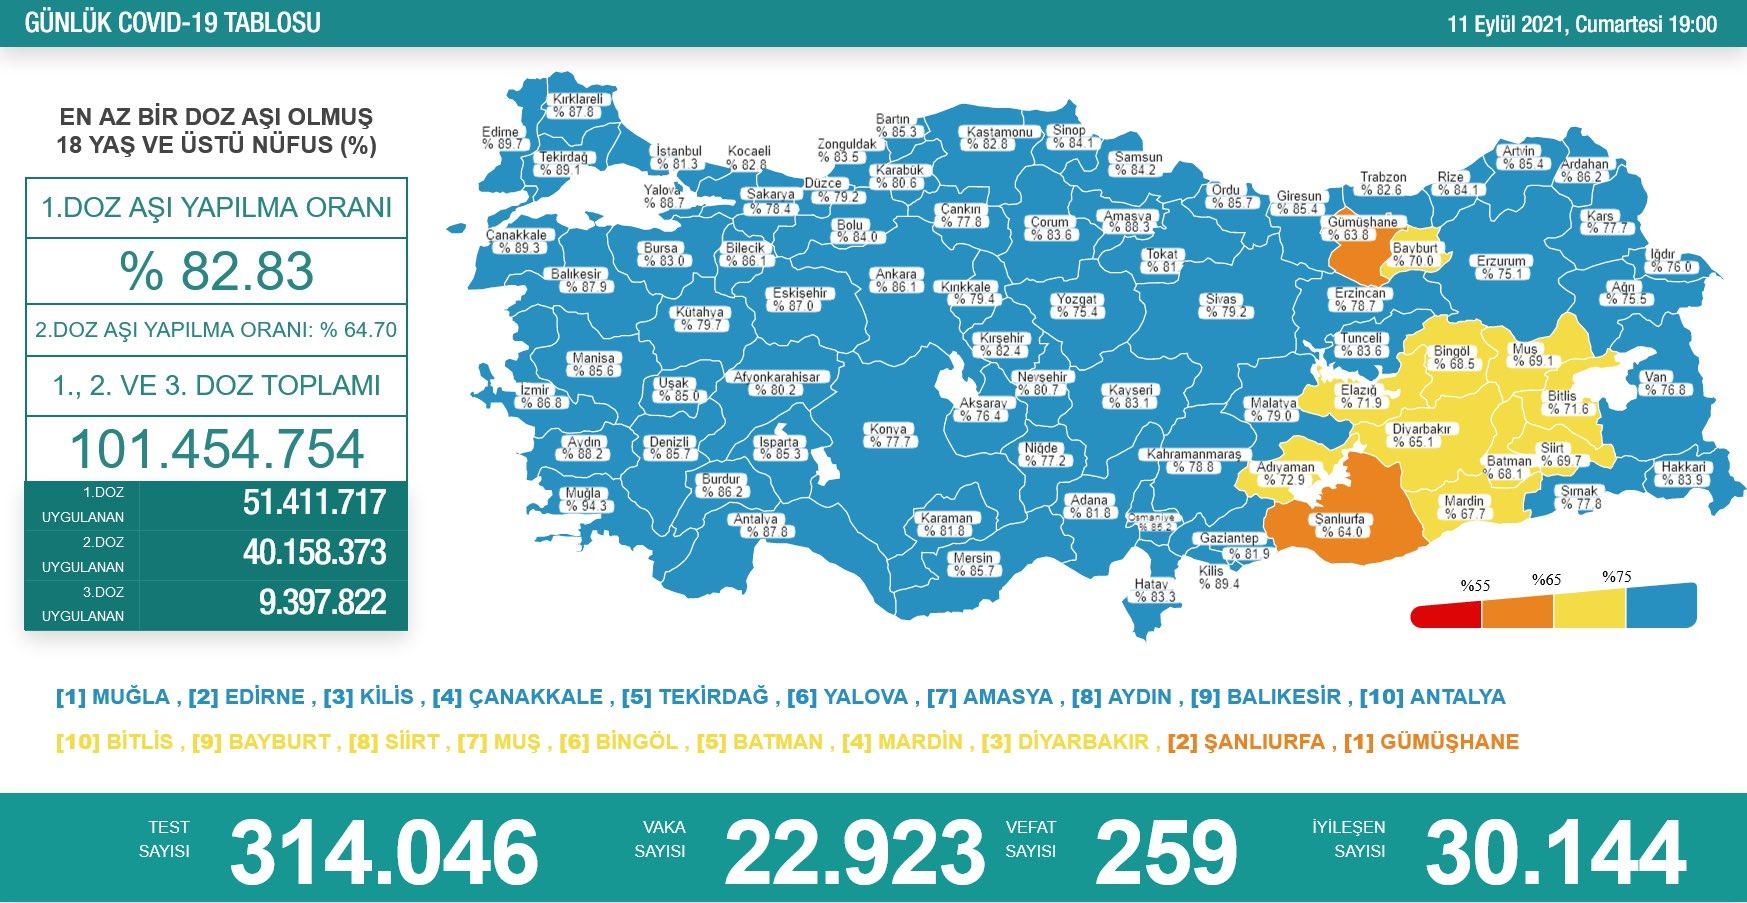 11 Eylül 2021 Türkiye Koronavirüs Tablosu Açıkladı